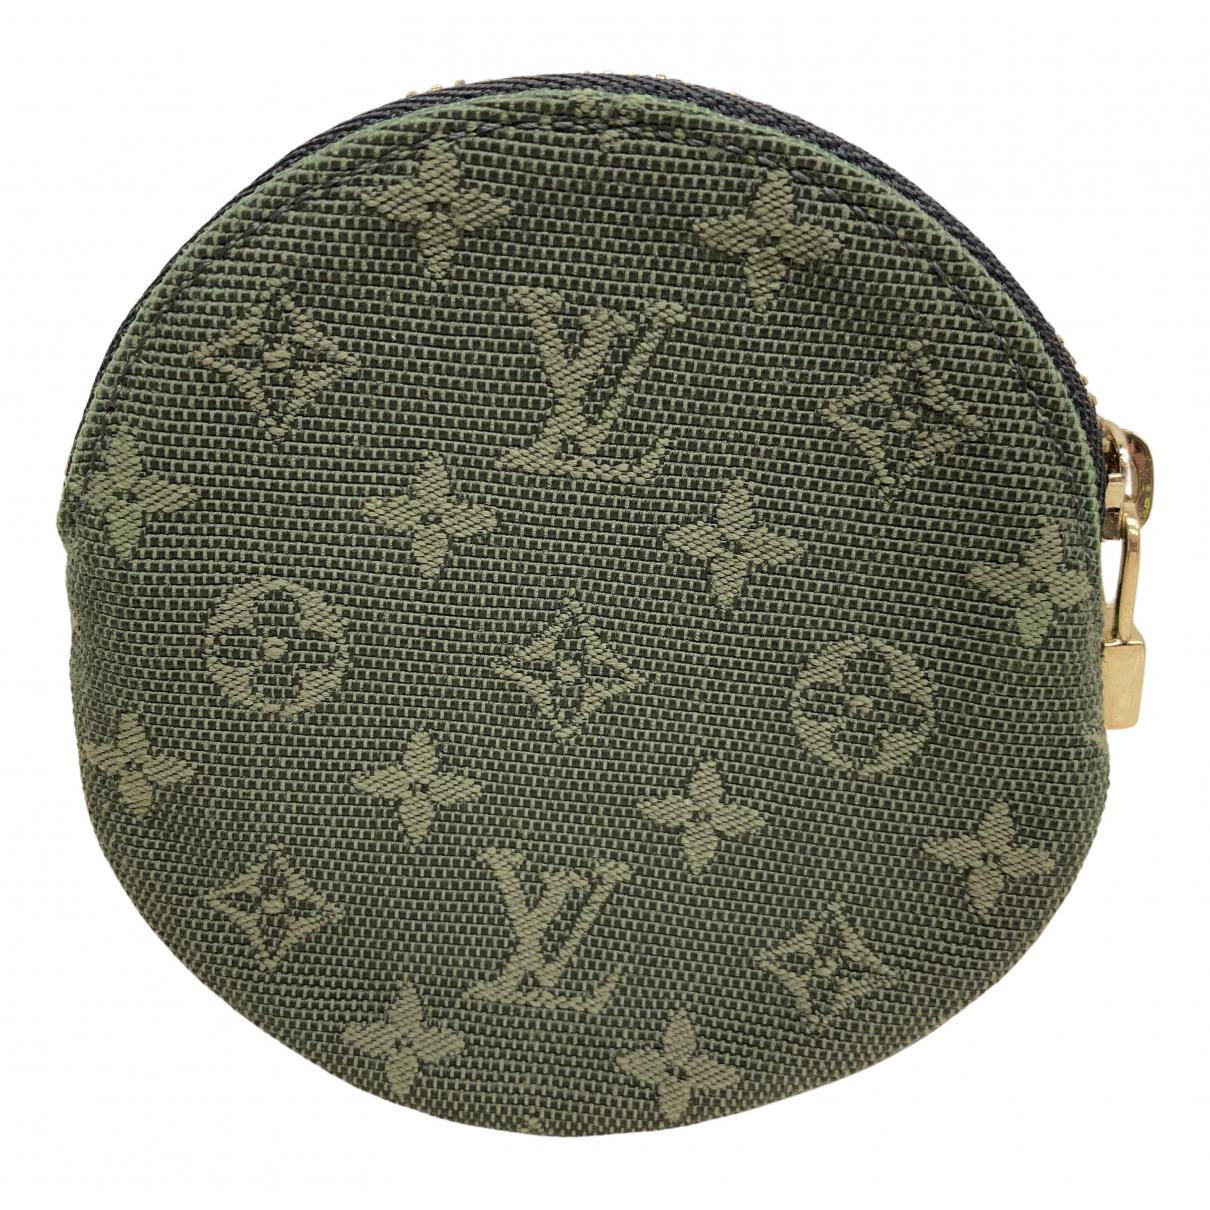 Louis Vuitton \N Kleinlederwaren in  Gruen Leinen